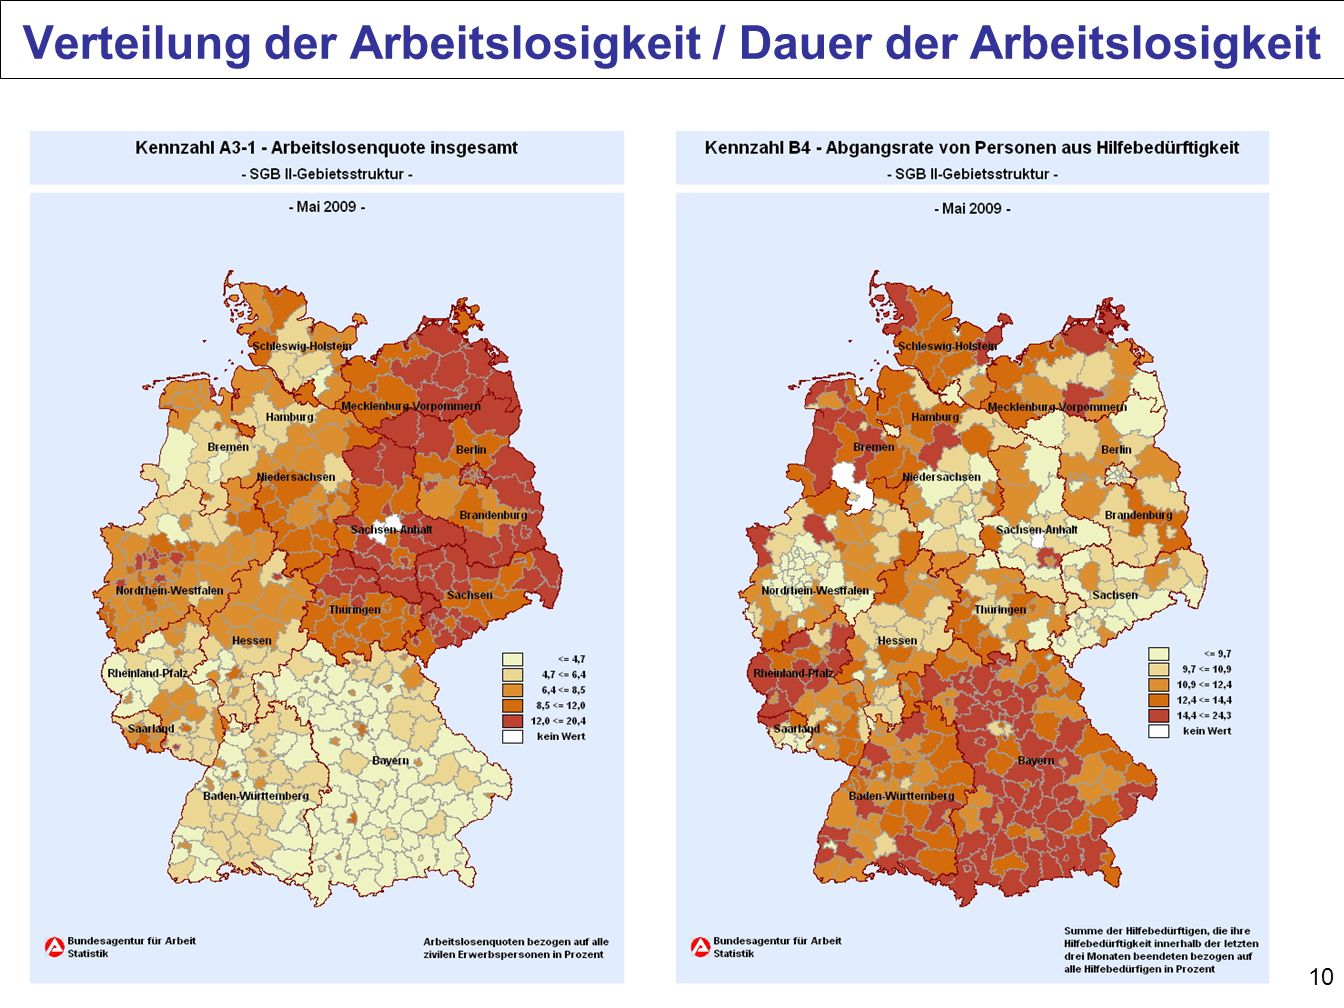 Verteilung der Arbeitslosigkeit / Dauer der Arbeitslosigkeit